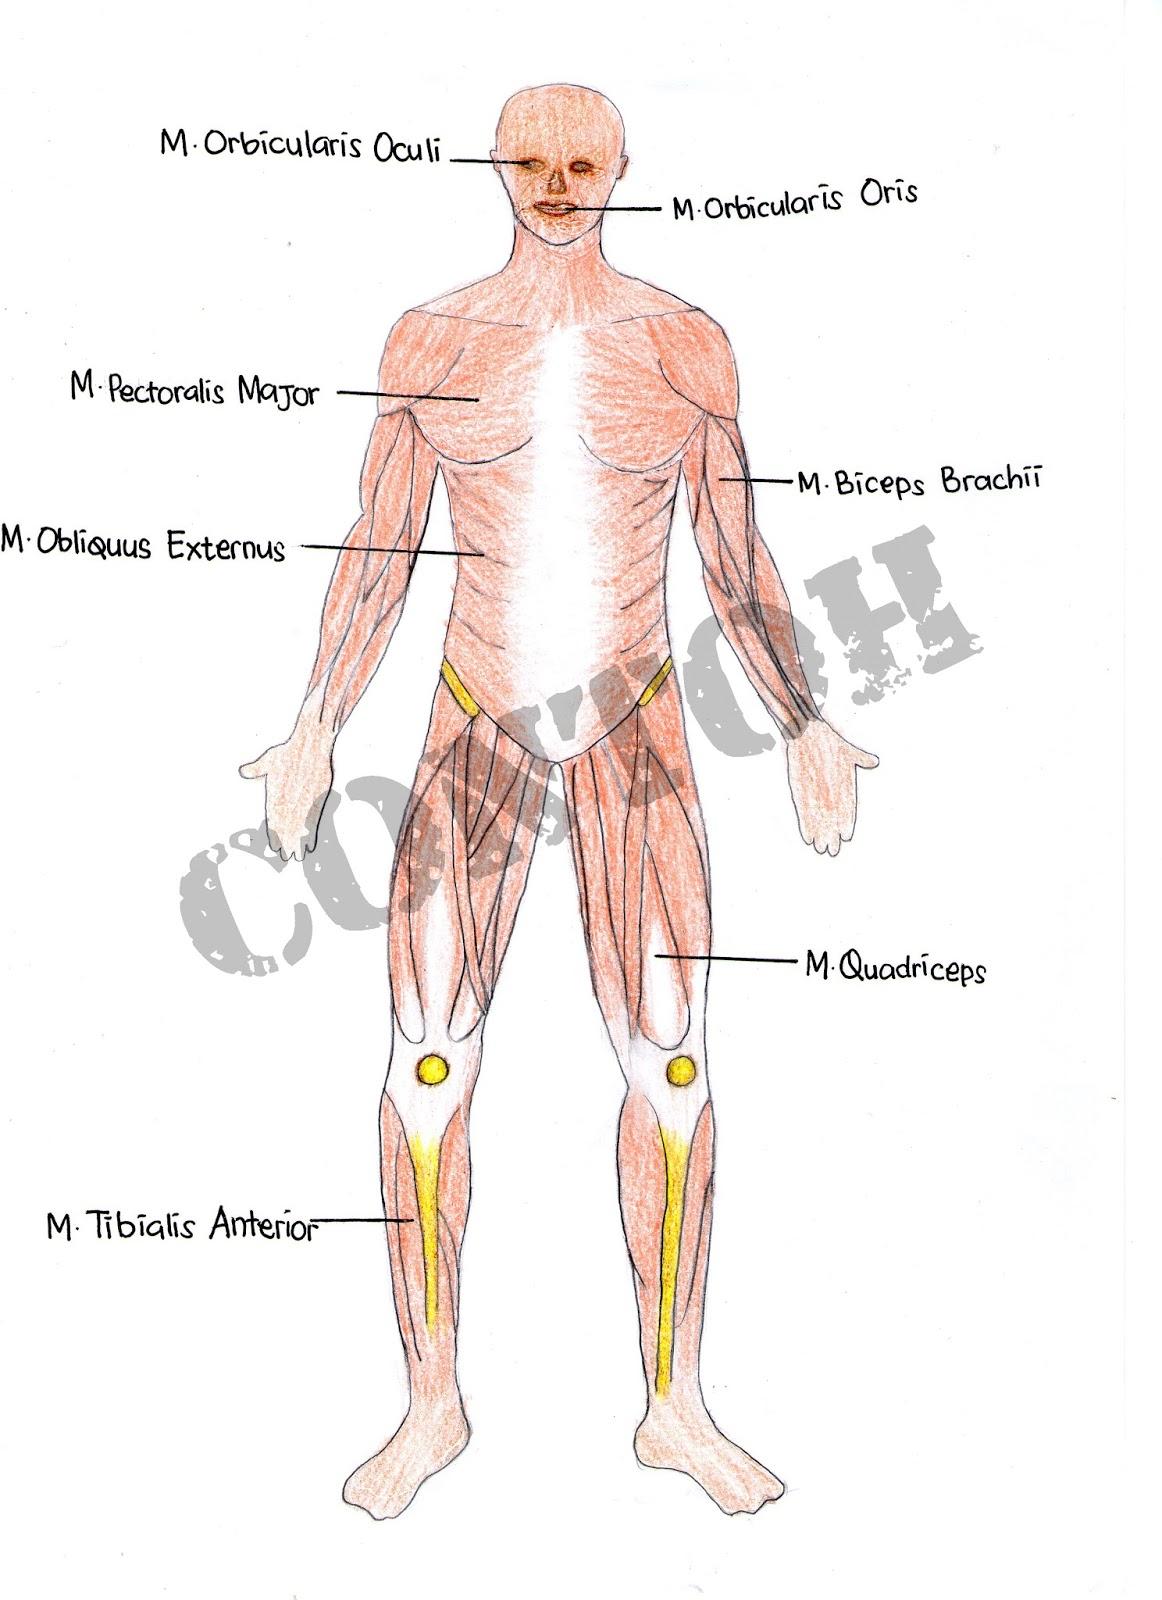 Tugas Gambar Musculo Skeletal PSFK 2013 Prodi Fisioterapi